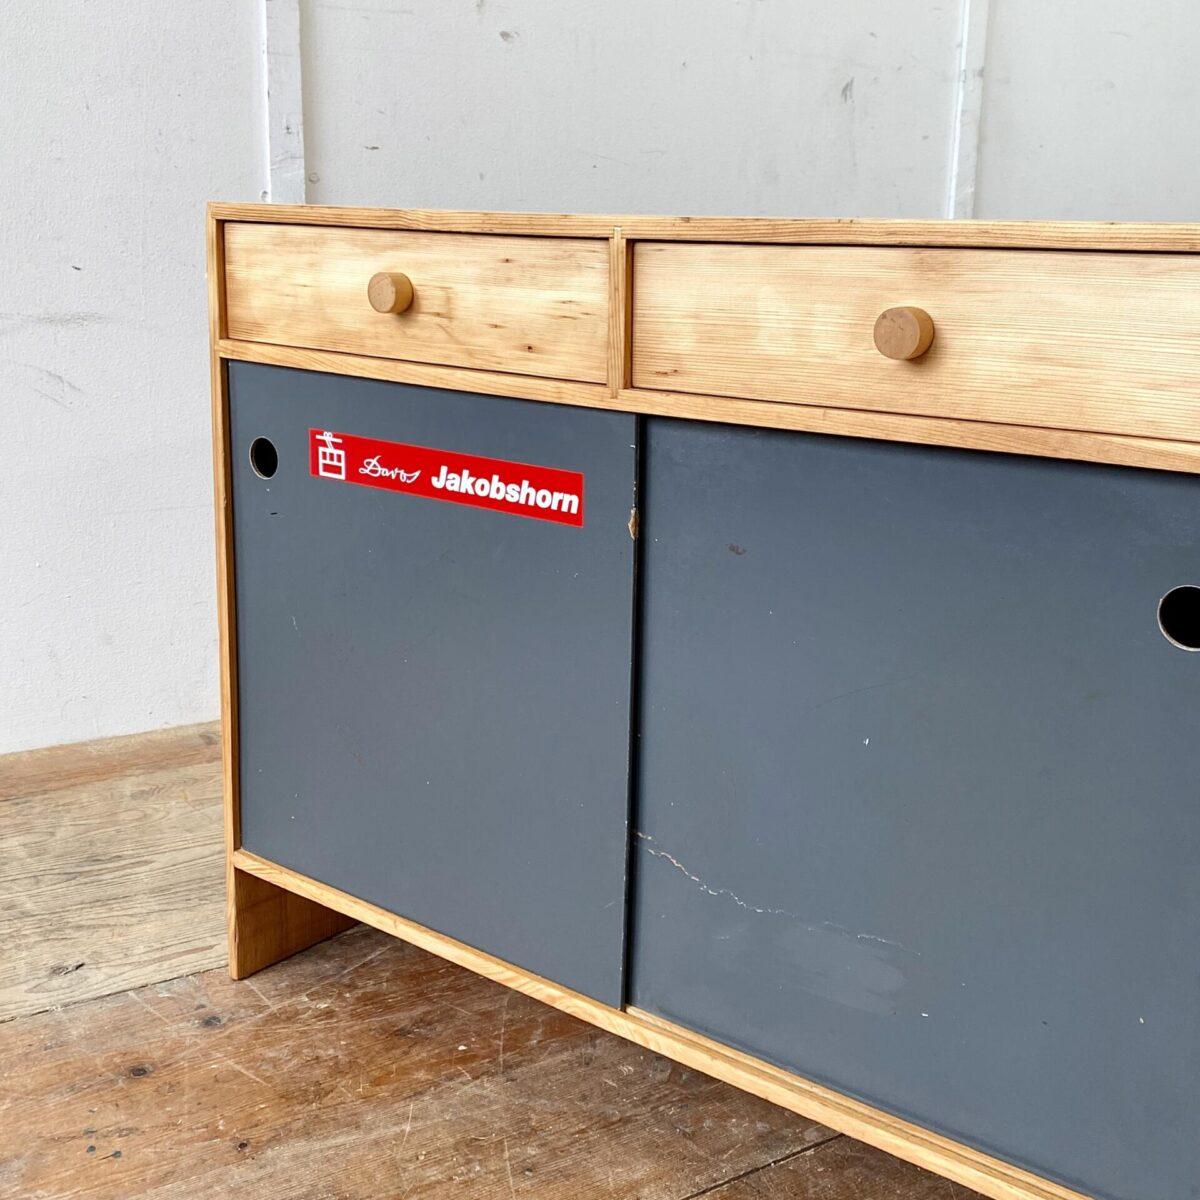 Vintage Schiebetüren Schränkli aus den 60er 70er Jahren. 88x34cm Höhe 70.5cm. Der Schuhschrank ist aus Tannenholz, die Holzoberflächen sind geschliffen und geölt. Die Pavatex Schiebetüren mit grauer Kelko Beschichtung. Eine Türe hat eine Bruchstelle welche aber stabil ist, oder ausgewechselt werden kann. Die zwei Schubladen laufen einwandfrei.